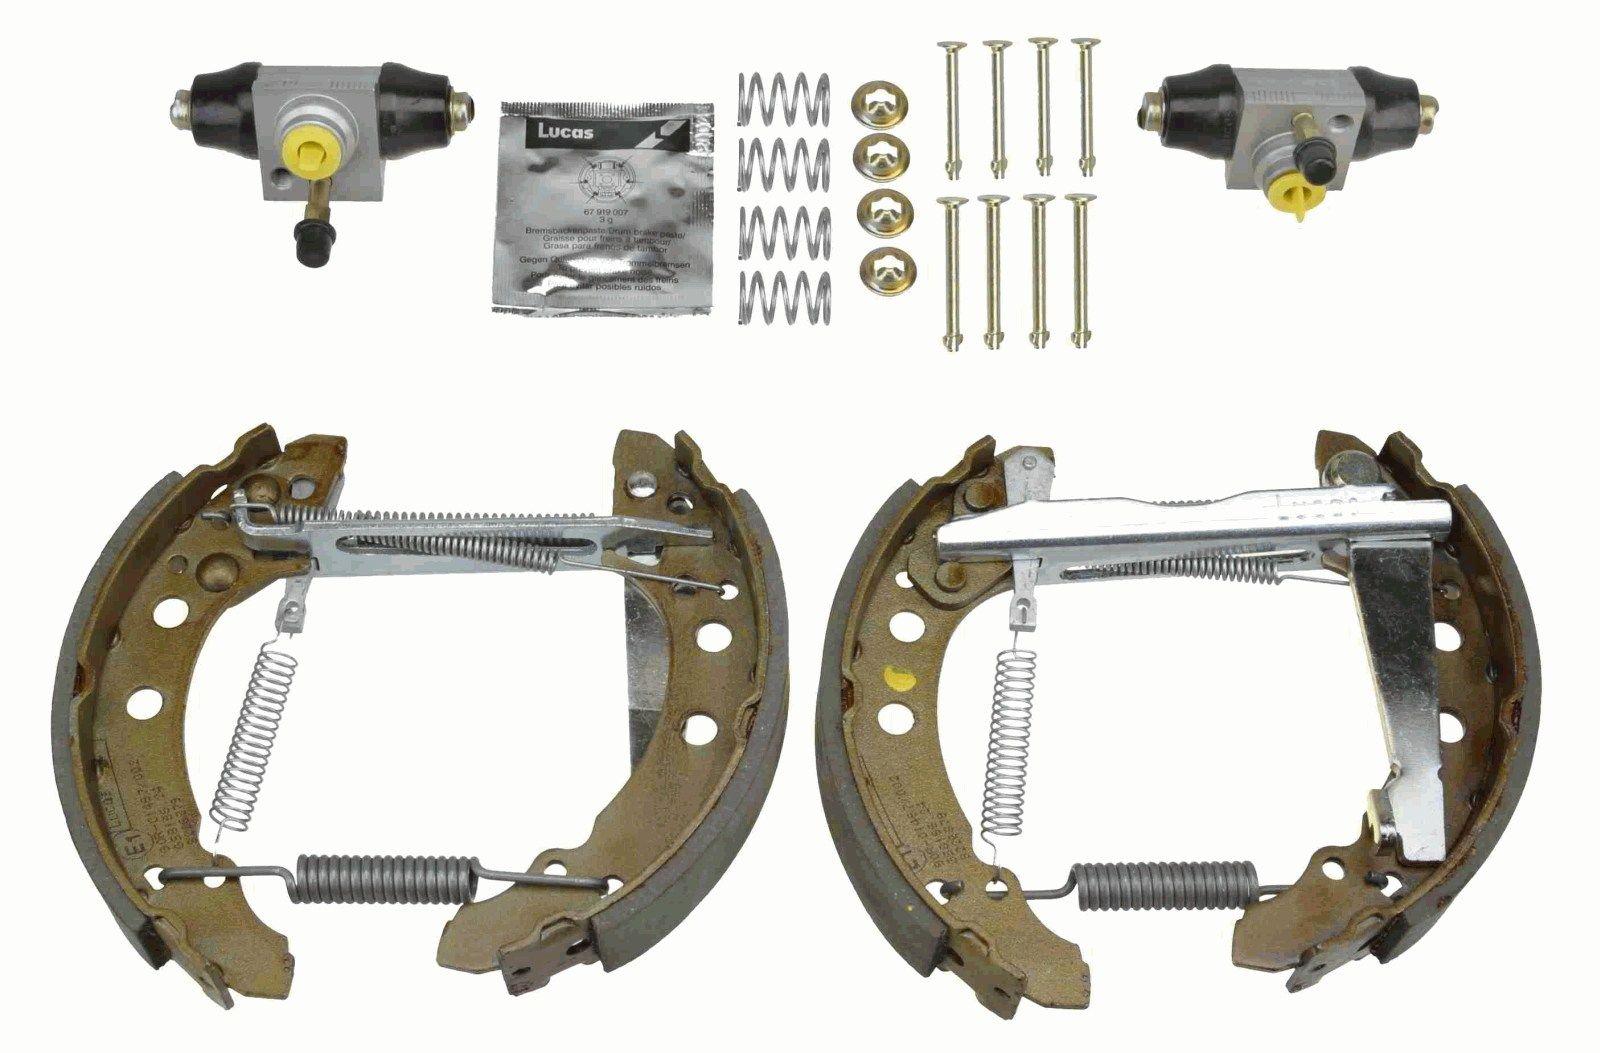 Kit freno, frenos de tambor GSK1501 TRW GSK1501 en calidad original